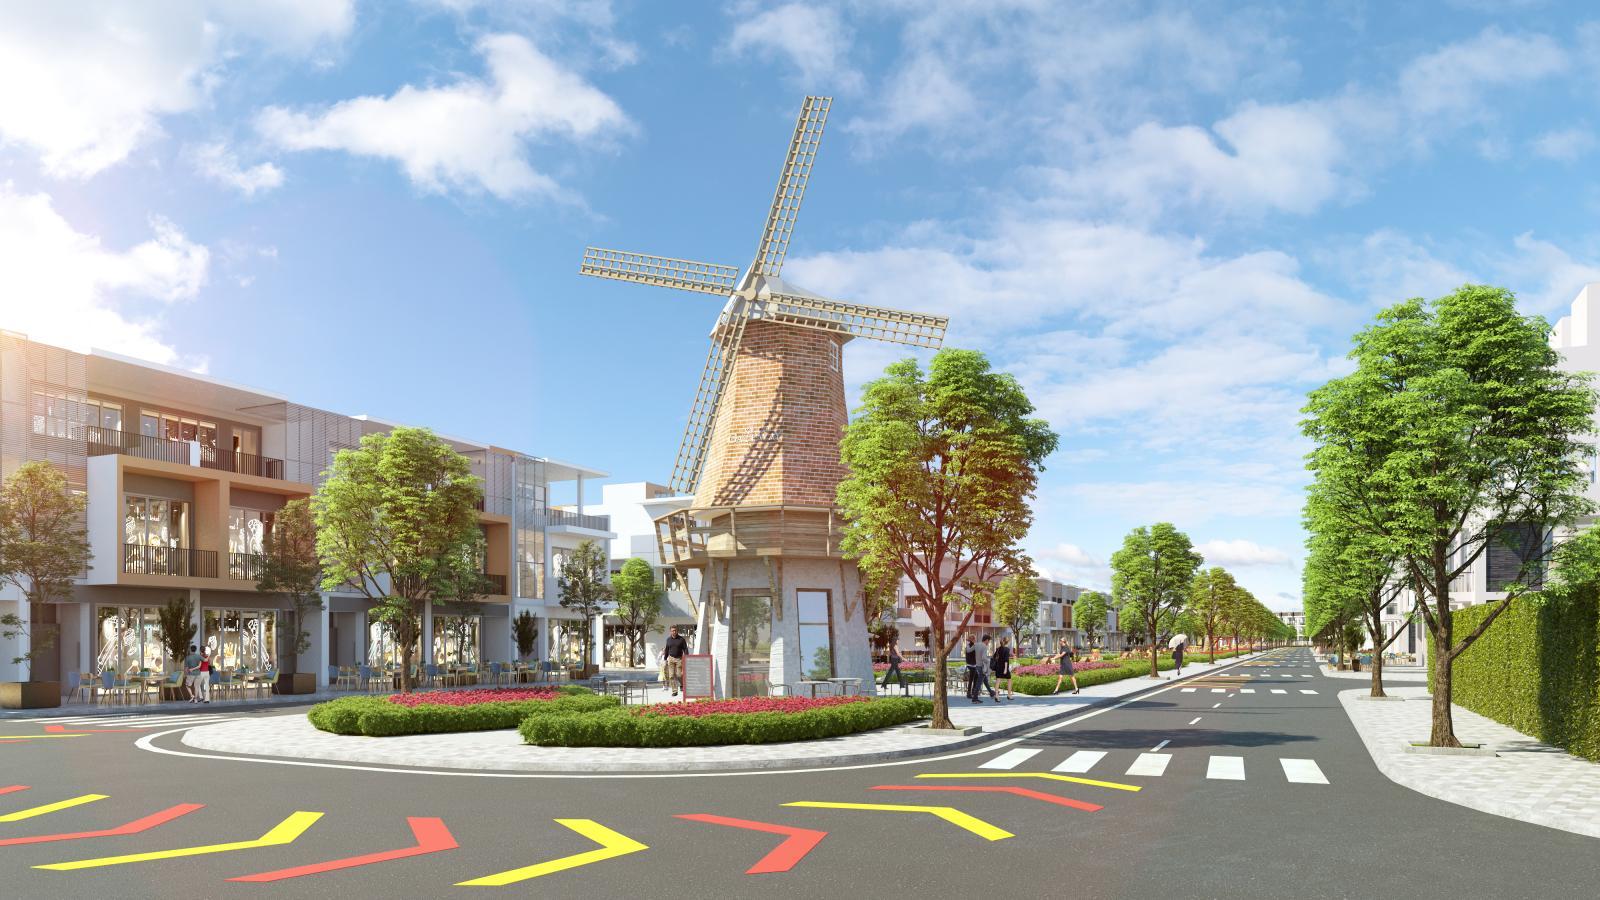 Một dãy nhà nằm gần mô hình cối xay gió và hàng cây xanh